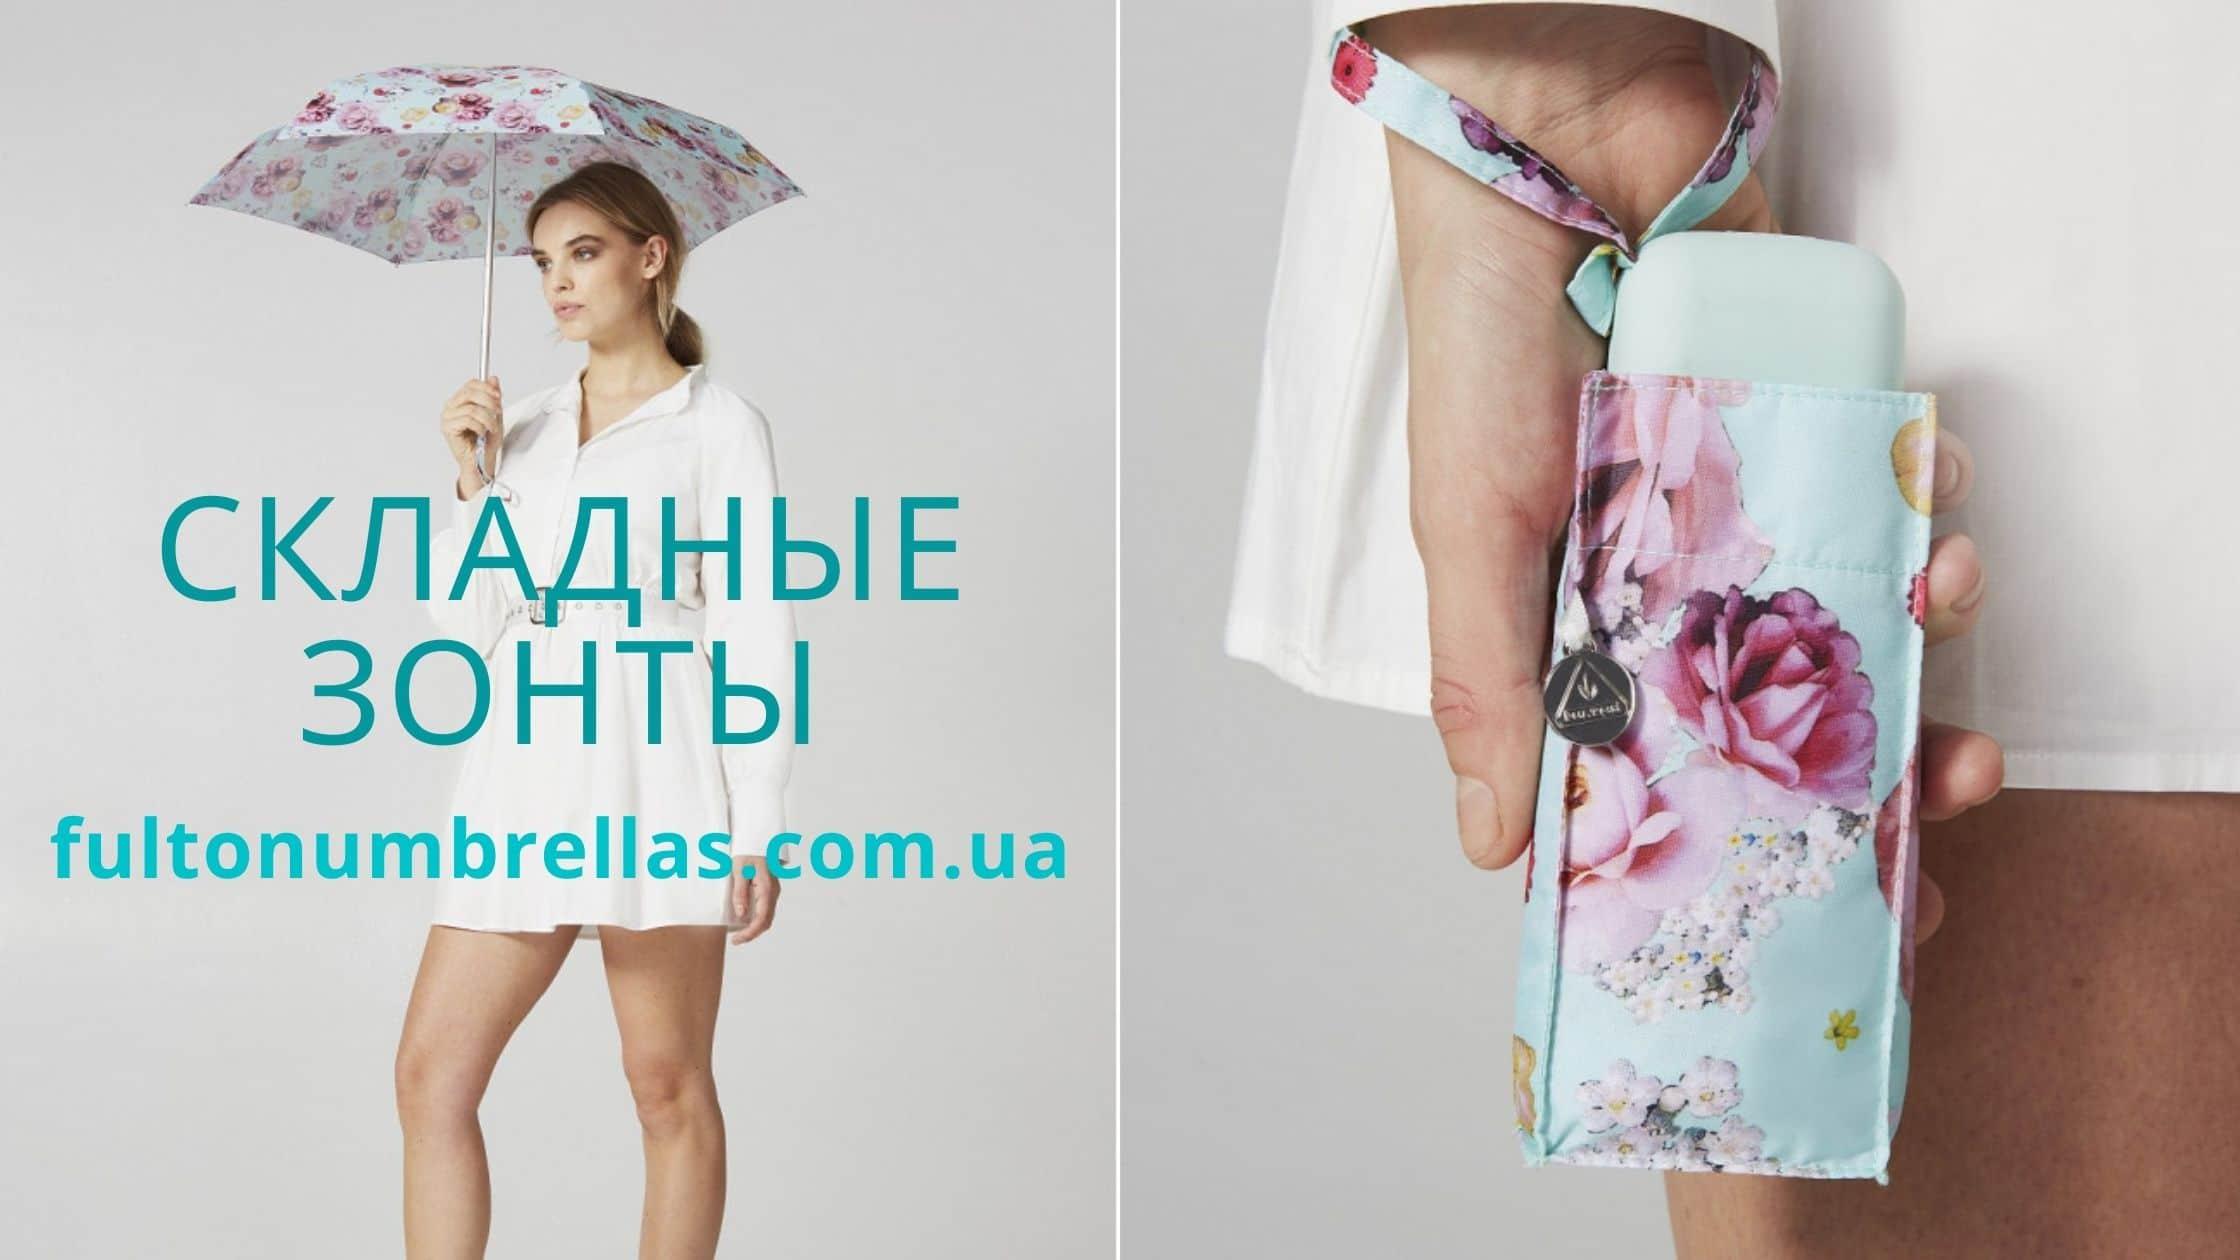 Складные зонты fultonumbrellas.com.ua